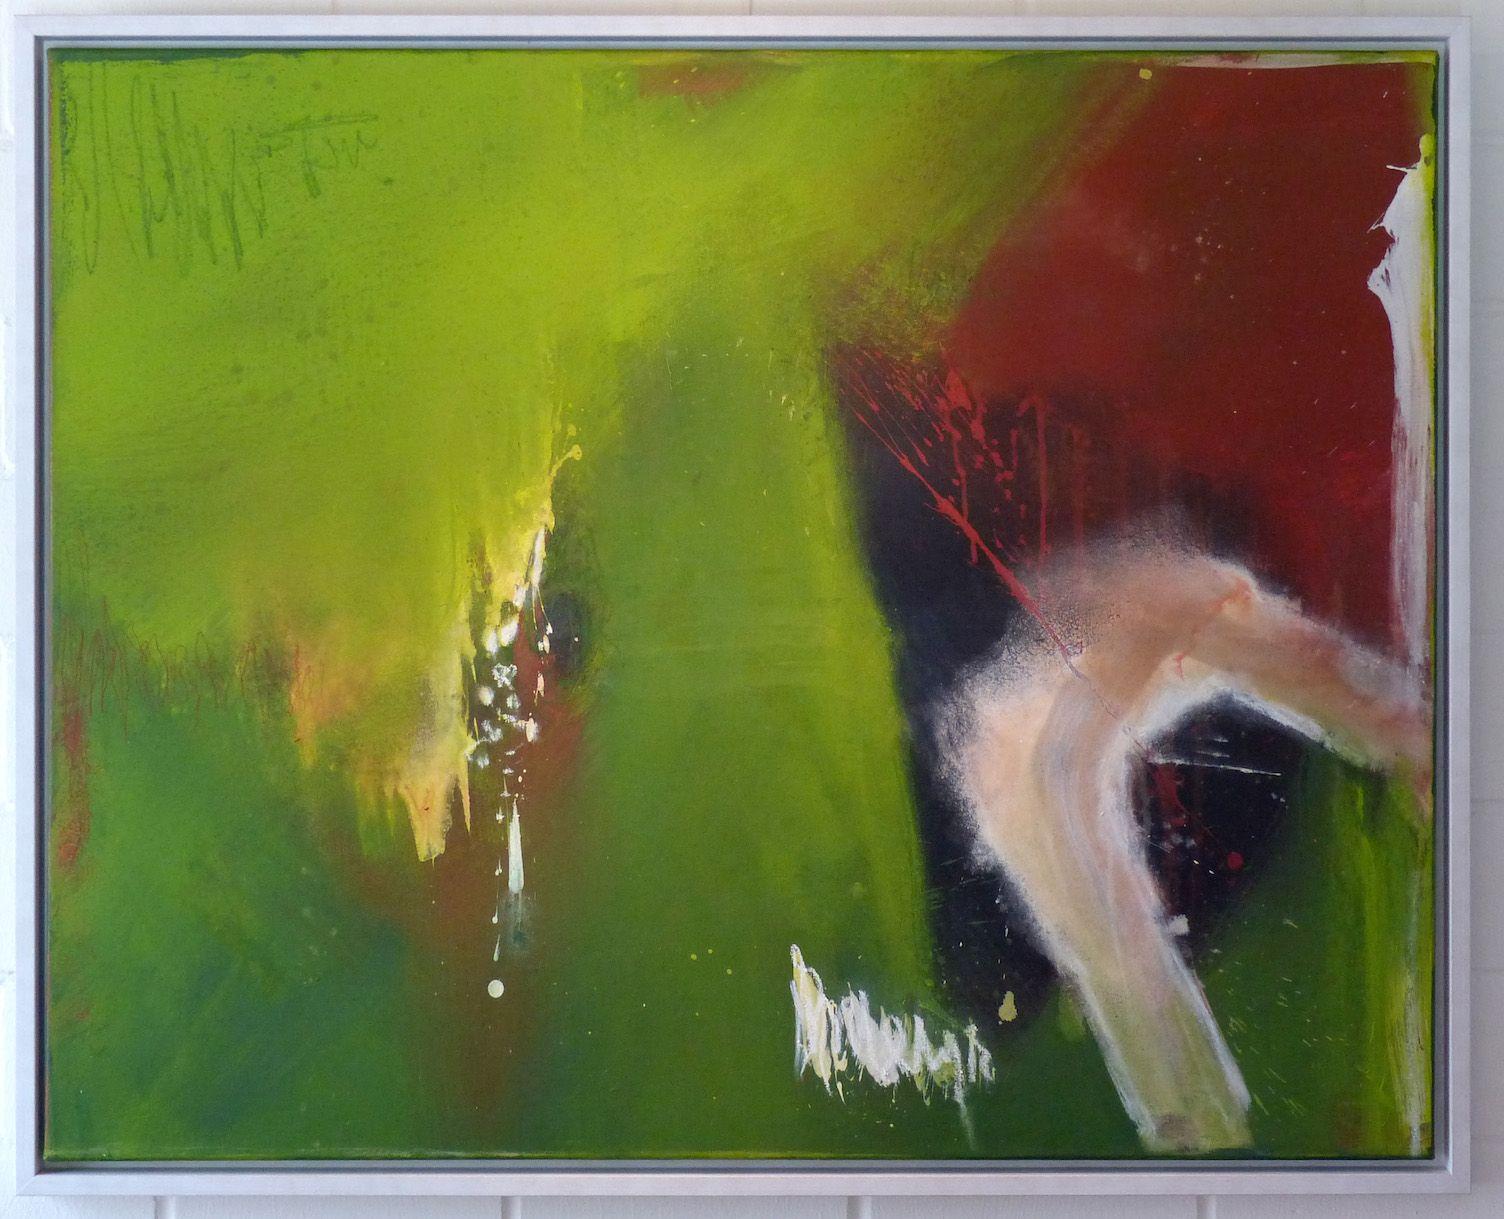 O.T.  Acryl auf Leinwand 80 x 100 cm  gerahmt in weißem Schattenfugenrahmen Preis auf Anfrage